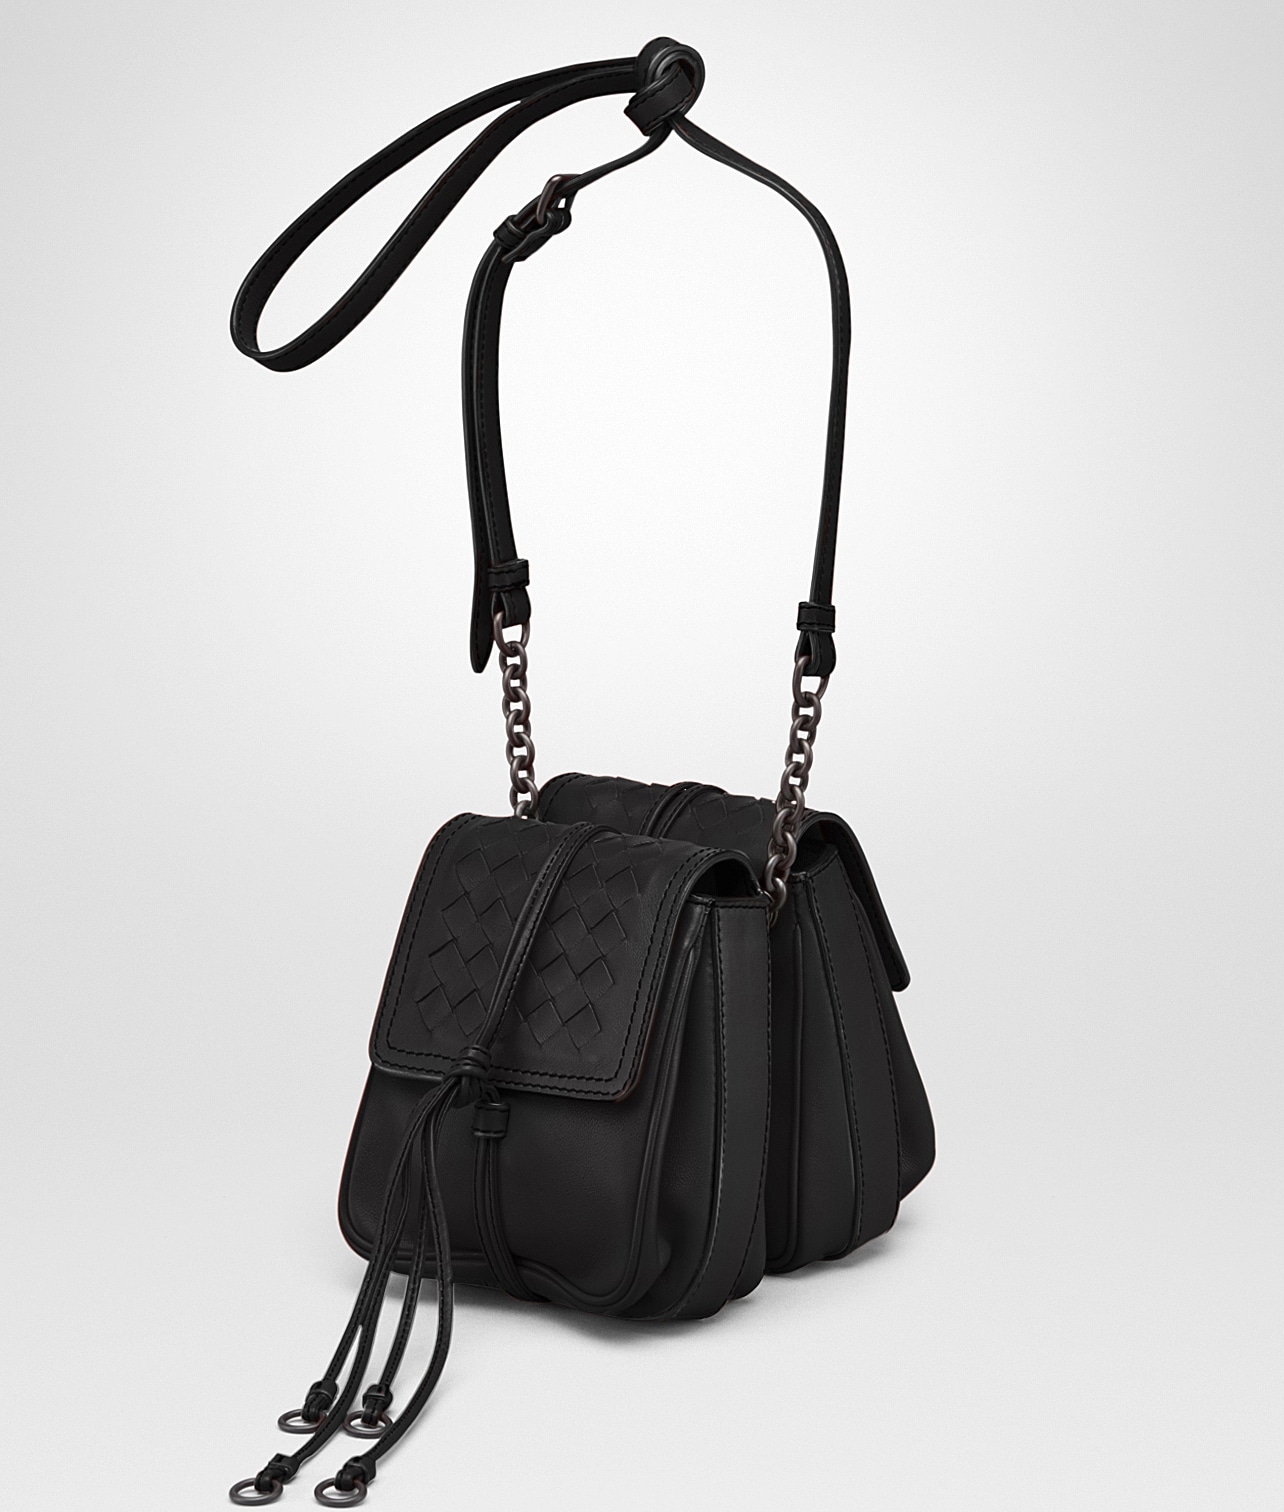 Bottega Veneta Nero Nappa Intrecciato Double Micro Shoulder Bag 584c3ae2a89ad